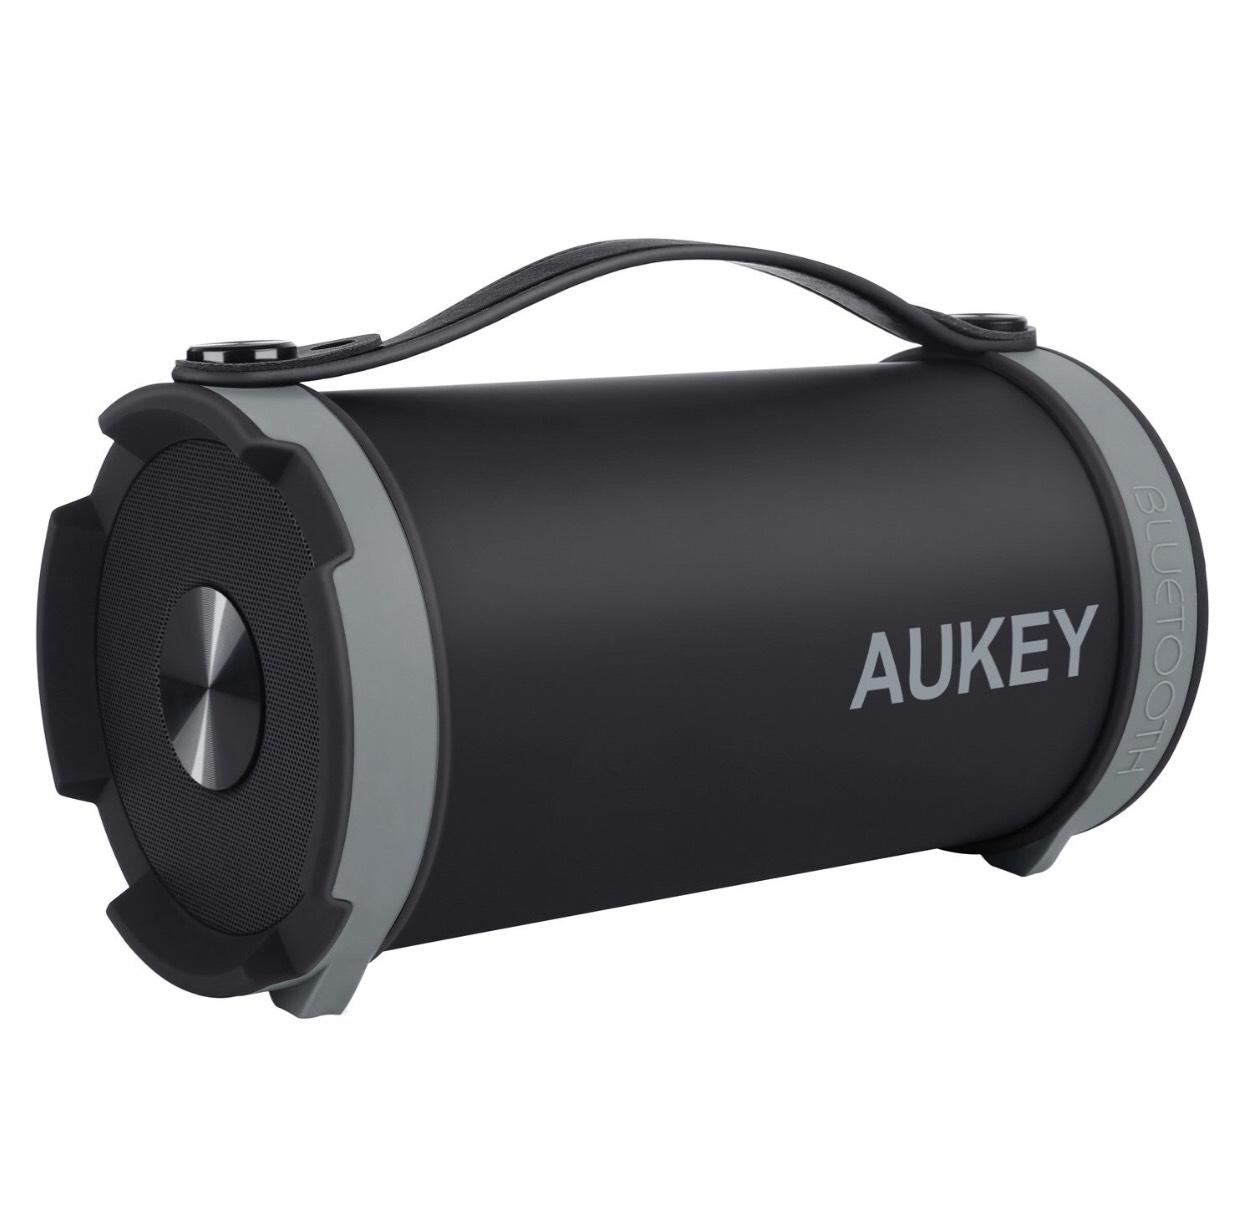 Enceinte Portable Bluetooth Aukey Sport avec Sangles - Radio FM, Batterie Intégrée (vendeur tiers)